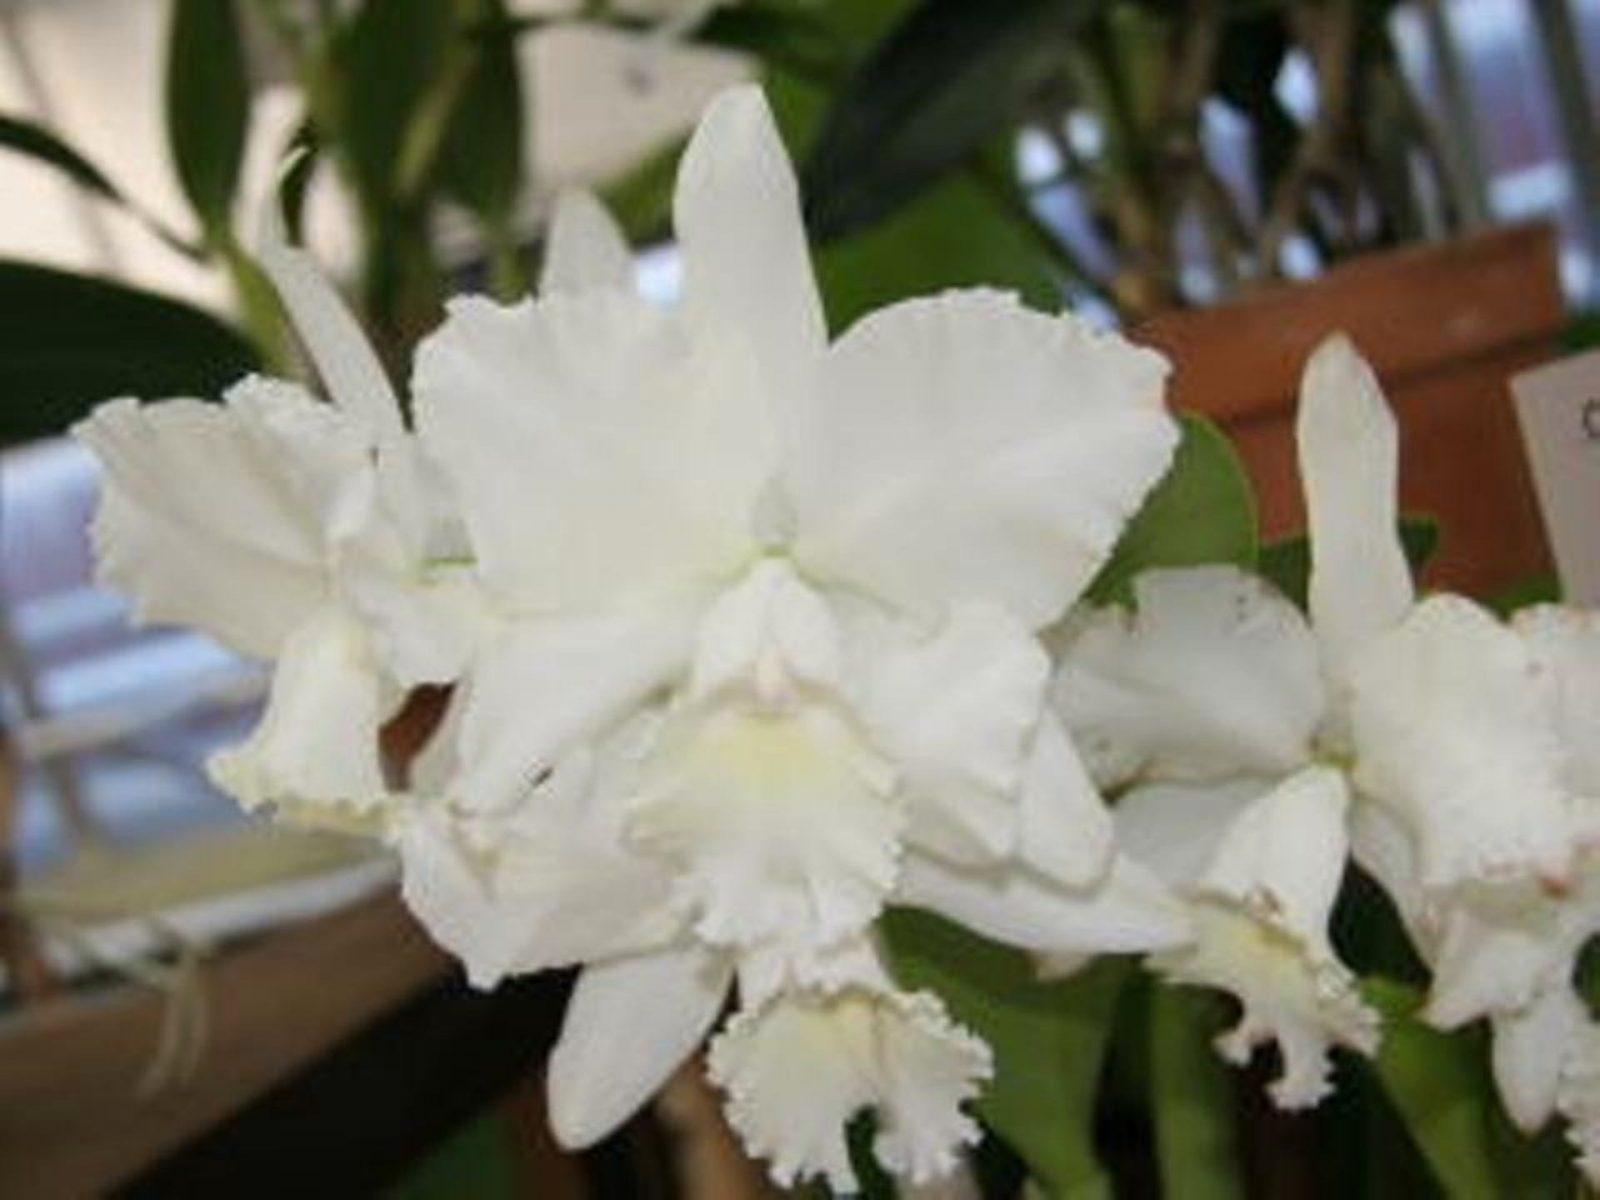 Cattleya Hawaiian Wedding Song X Joanne In A 68mm Tube The Hanging